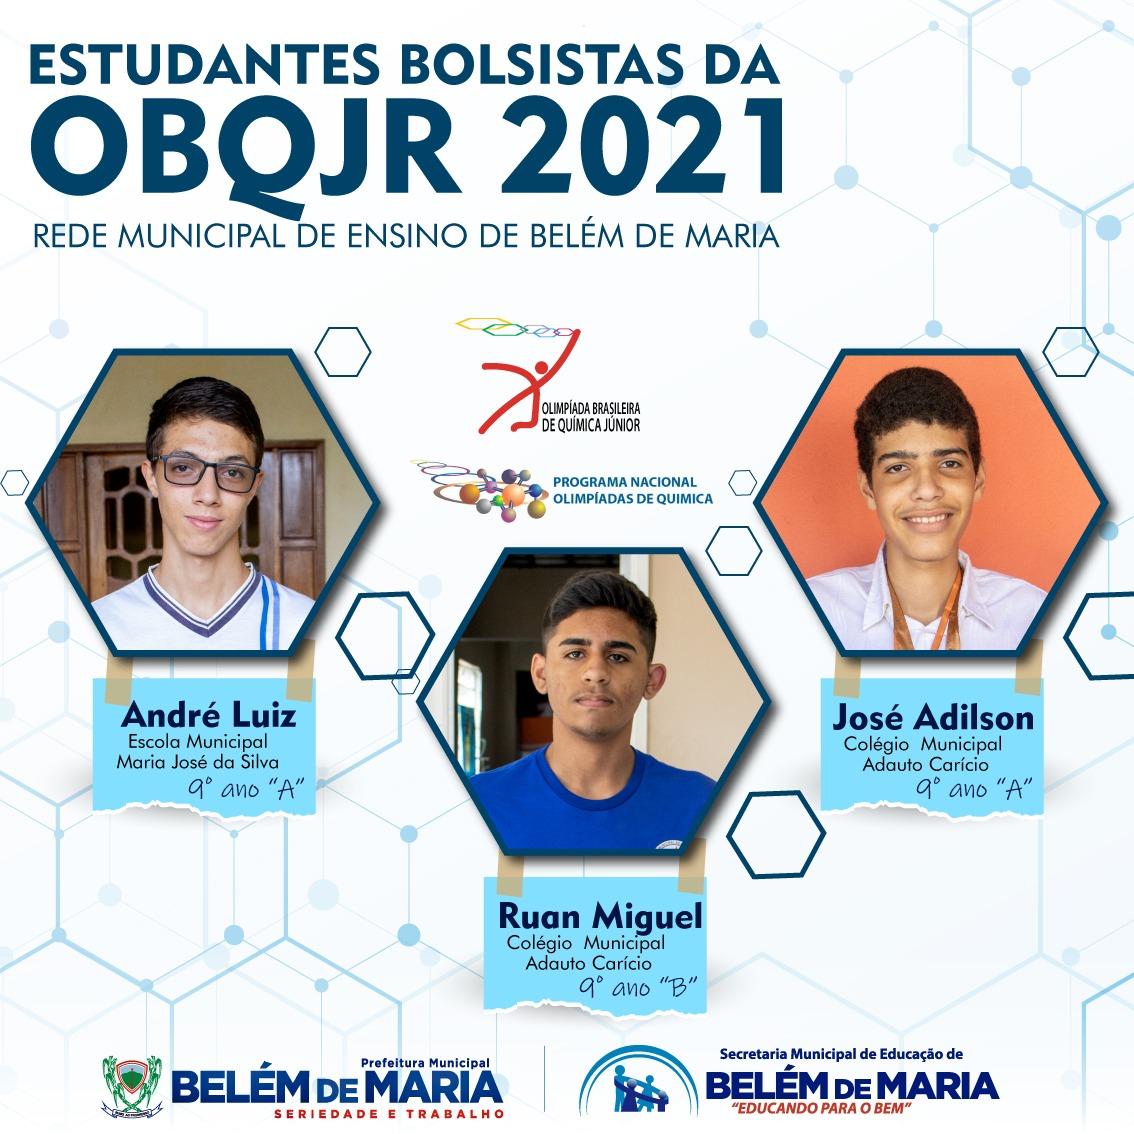 Estudantes da Rede Municipal de Ensino de Belém de Maria são selecionados na OBQJr e receberão bolsa de estudo